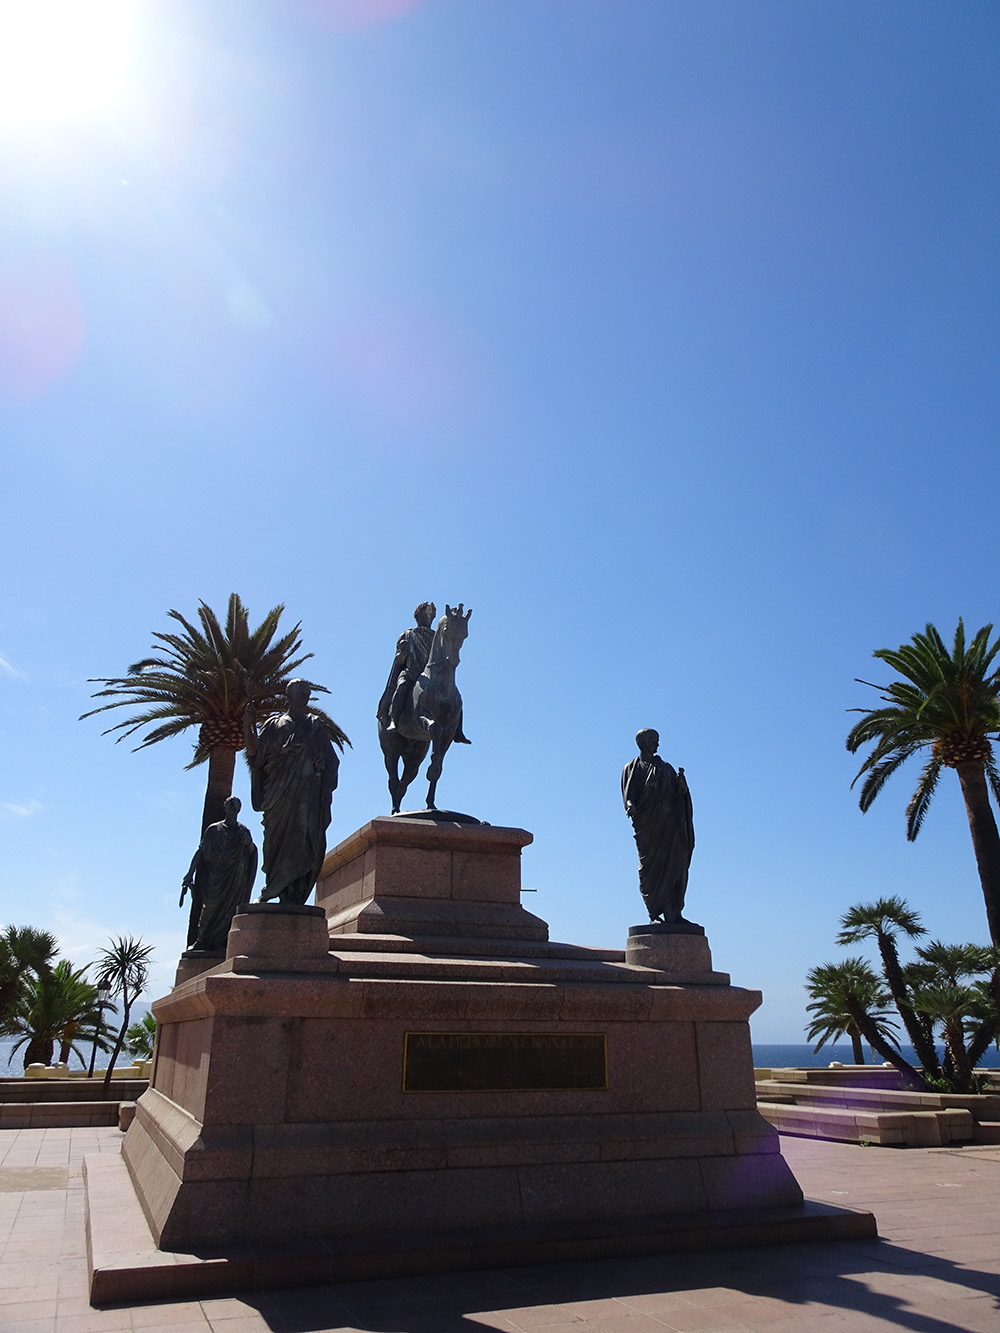 Standbeeld van Napoleon op het grootste plein van Ajaccio - Corsica